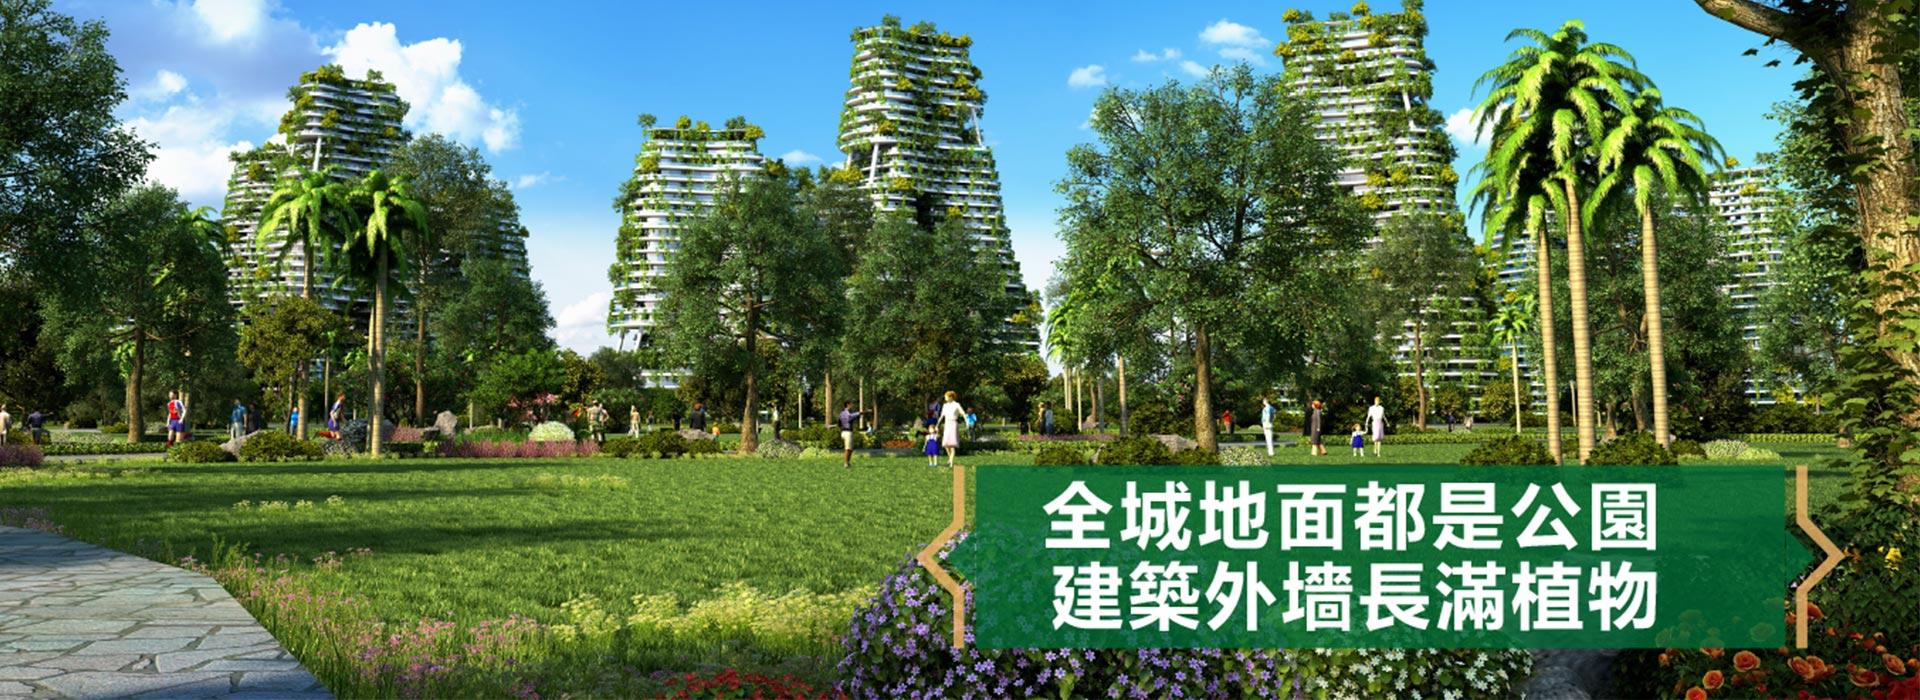 全城地面都是公園,建築外墻長滿植物